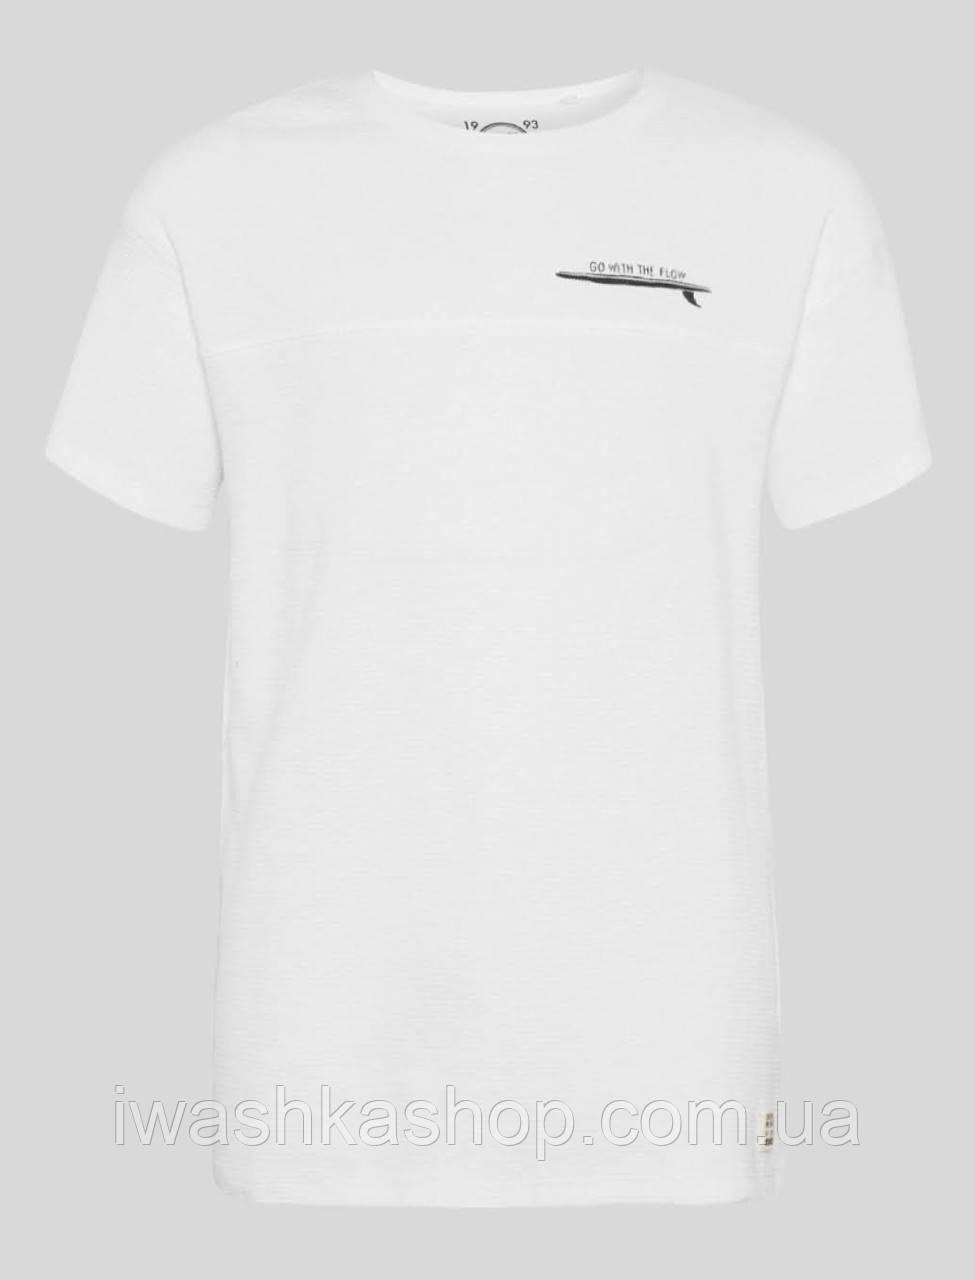 Белая футболка из ребристого трикотажа на мальчика 10 - 12 лет, р. 146 - 152, here+there / C&A